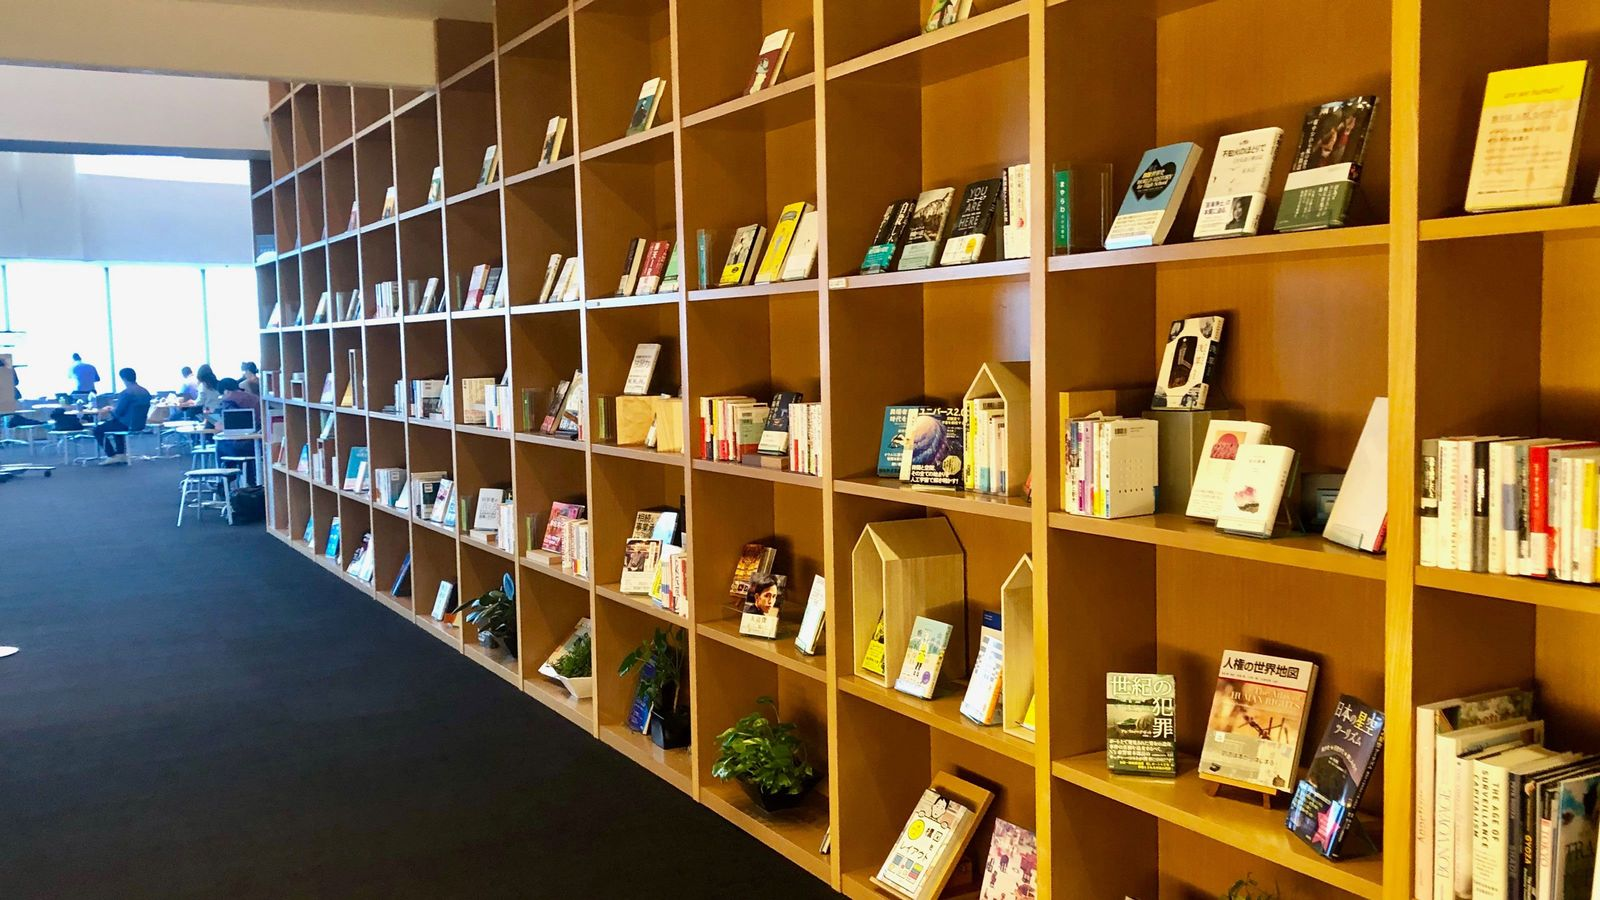 「情報源は本より人」だと言い切る図書館の価値 成長する「新しい自分」に出会う場所